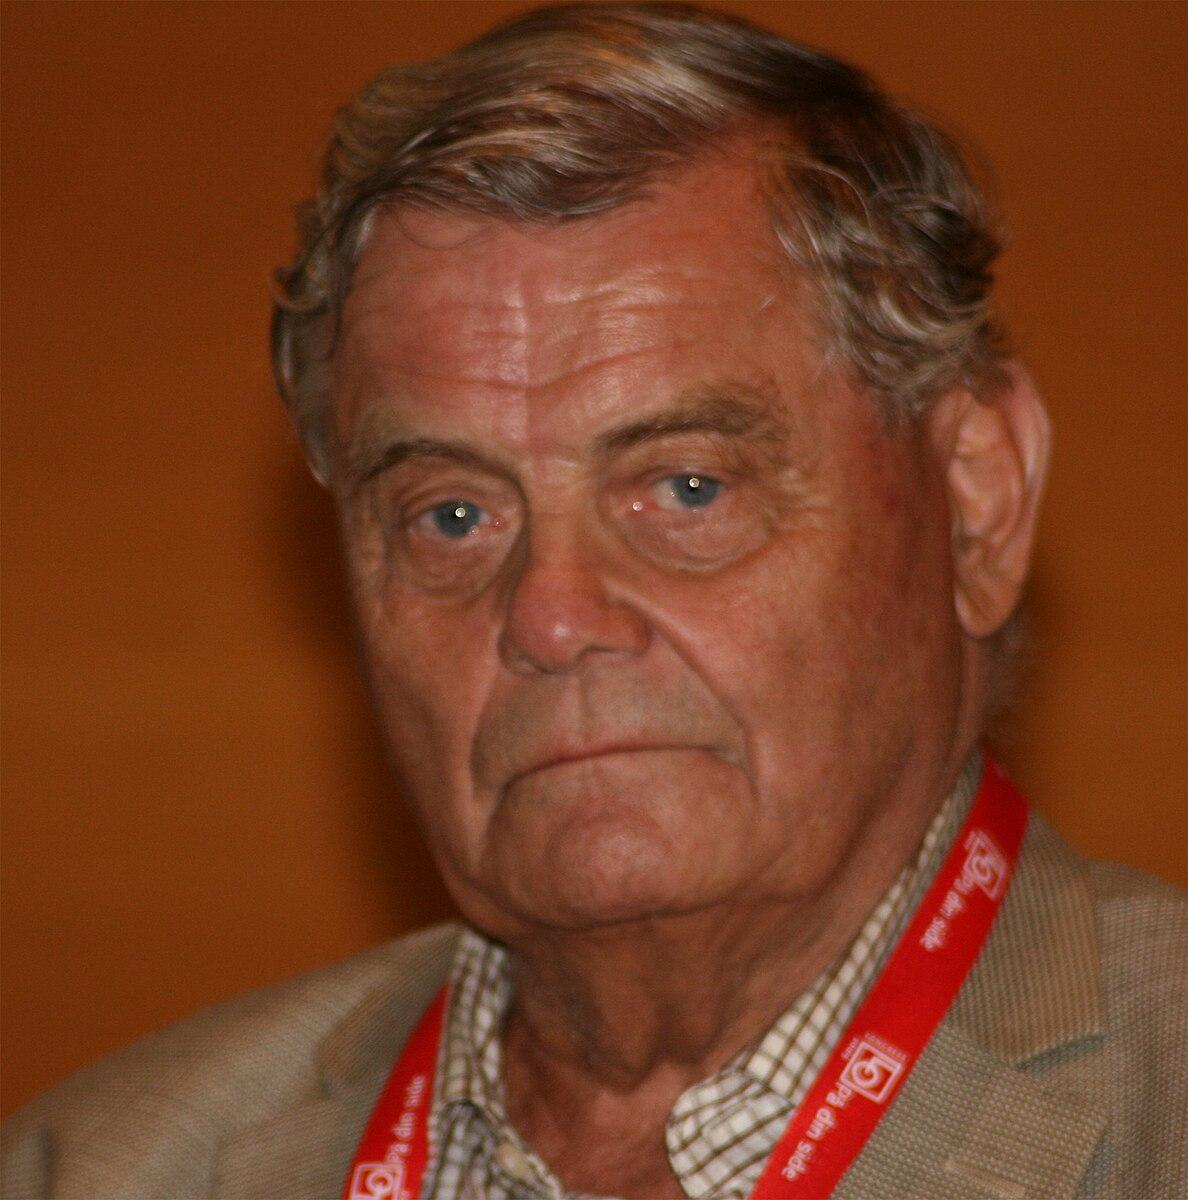 Leif Haraldseth